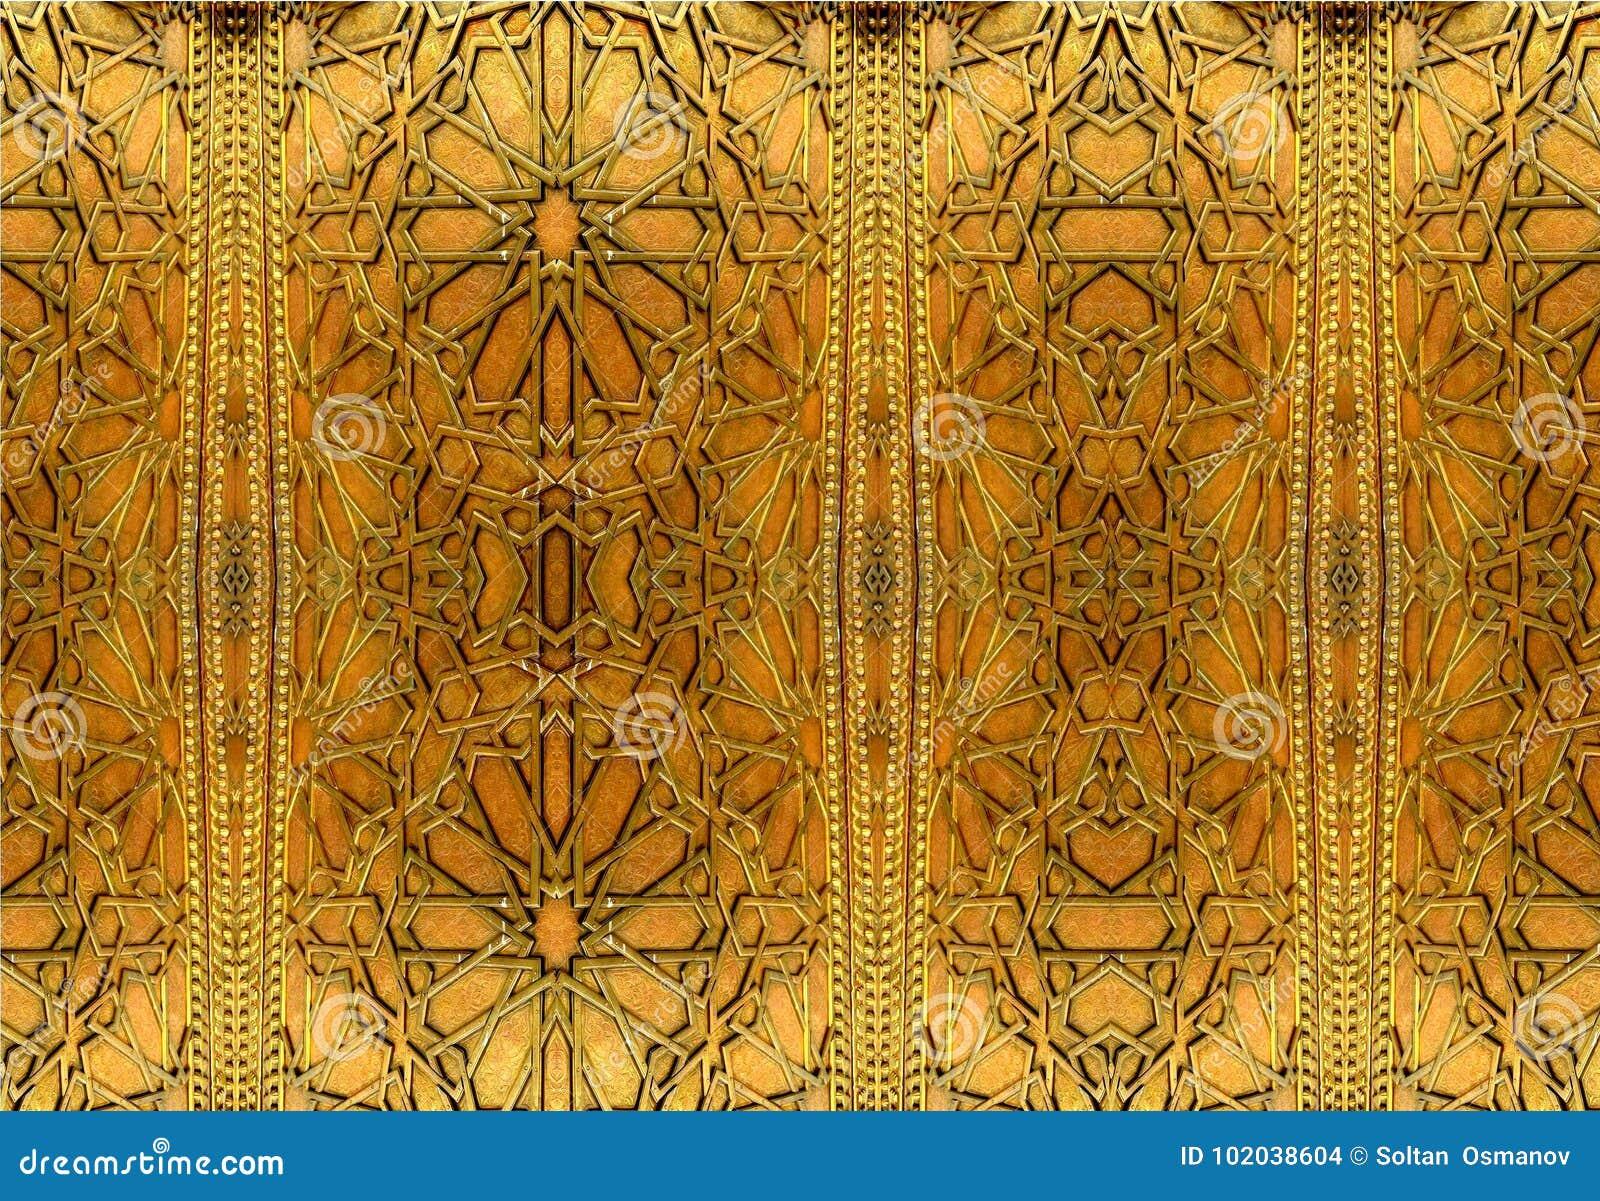 Orientaliska järndesigner och prydnader Målningen visar orientaliska modeller på järndörren